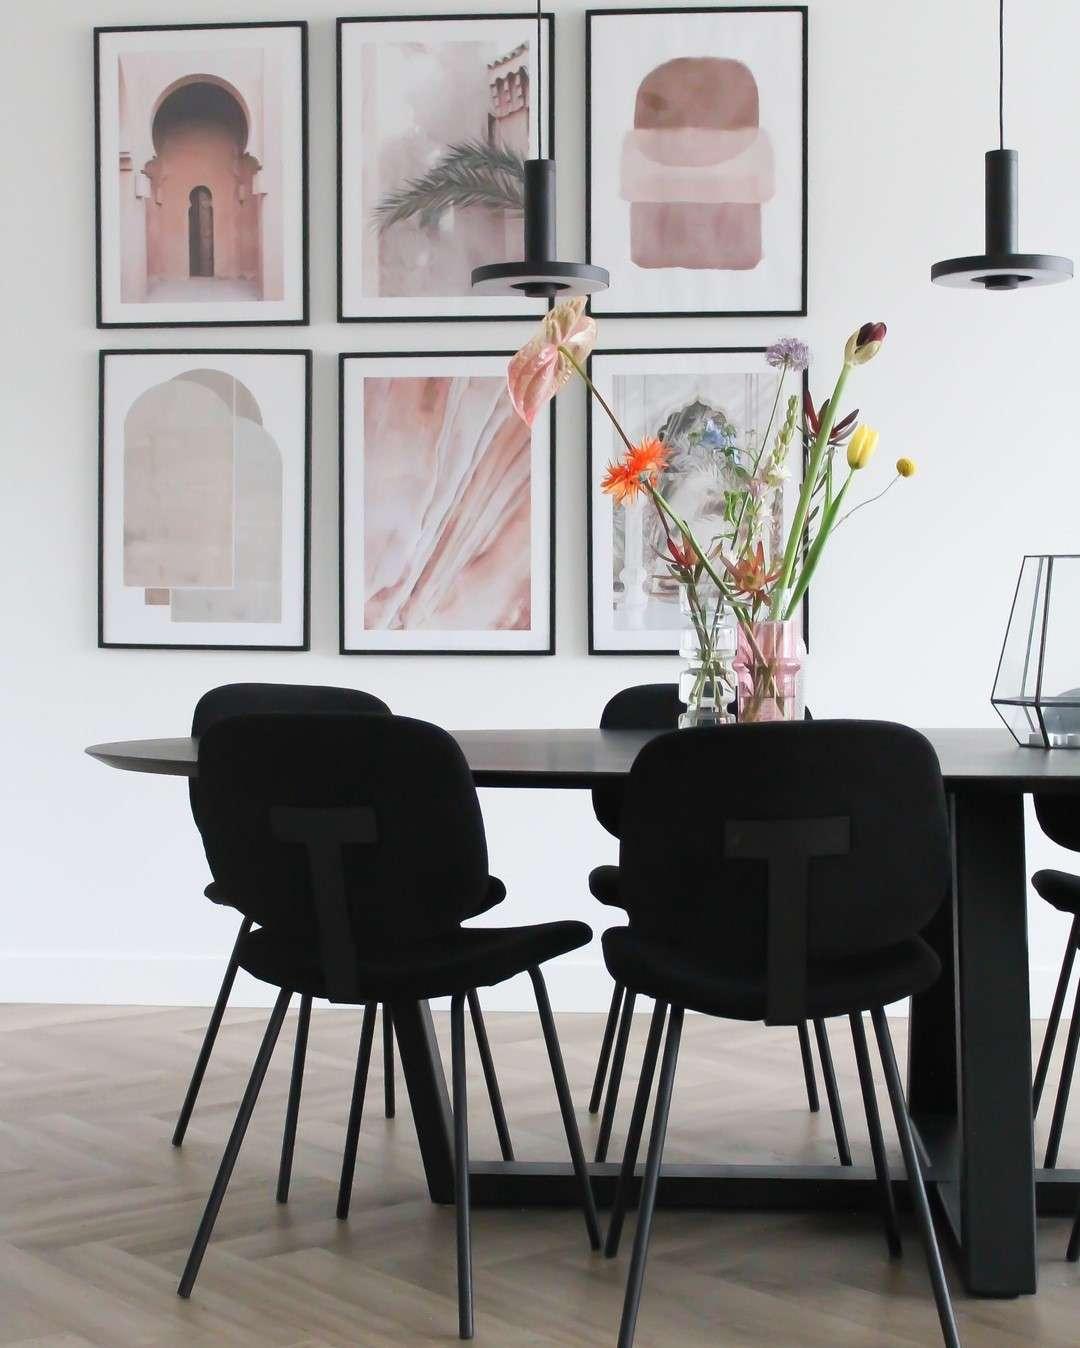 Visgraadvloer, mooie woonkamer, wonen in de regio